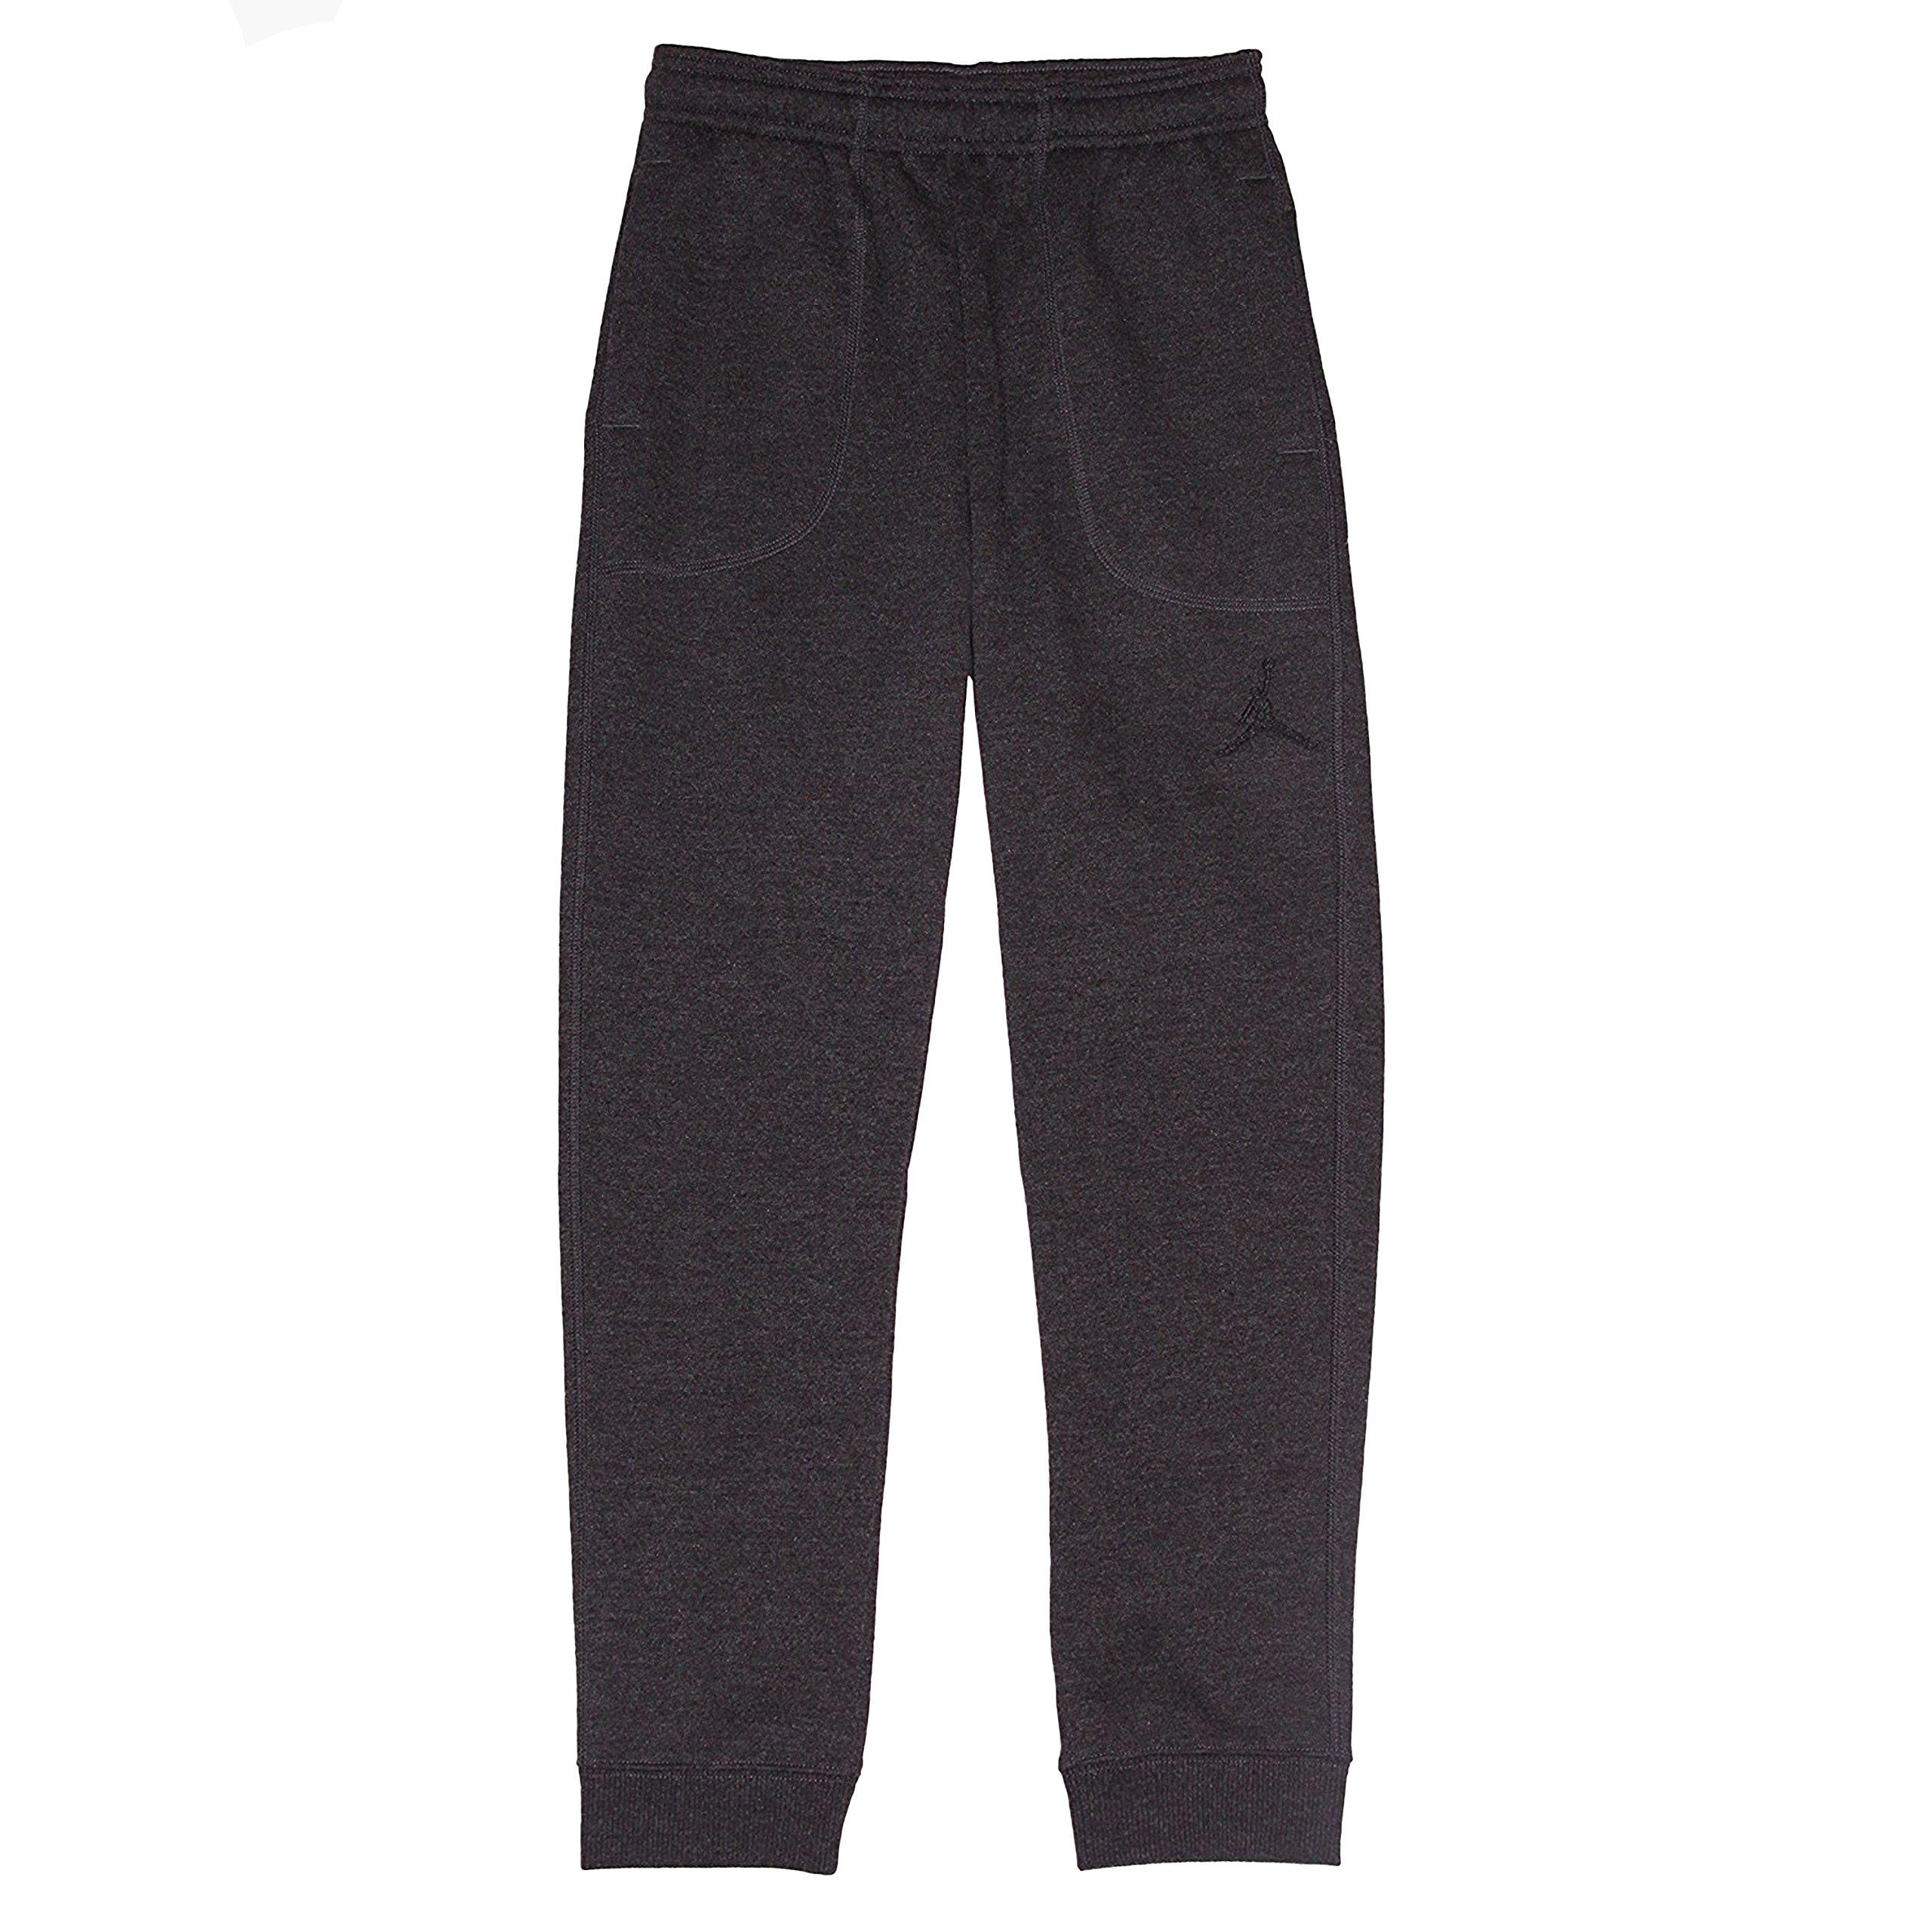 e66d40d275655d Nike Jordan Fleece Pants Top Deals   Lowest Price